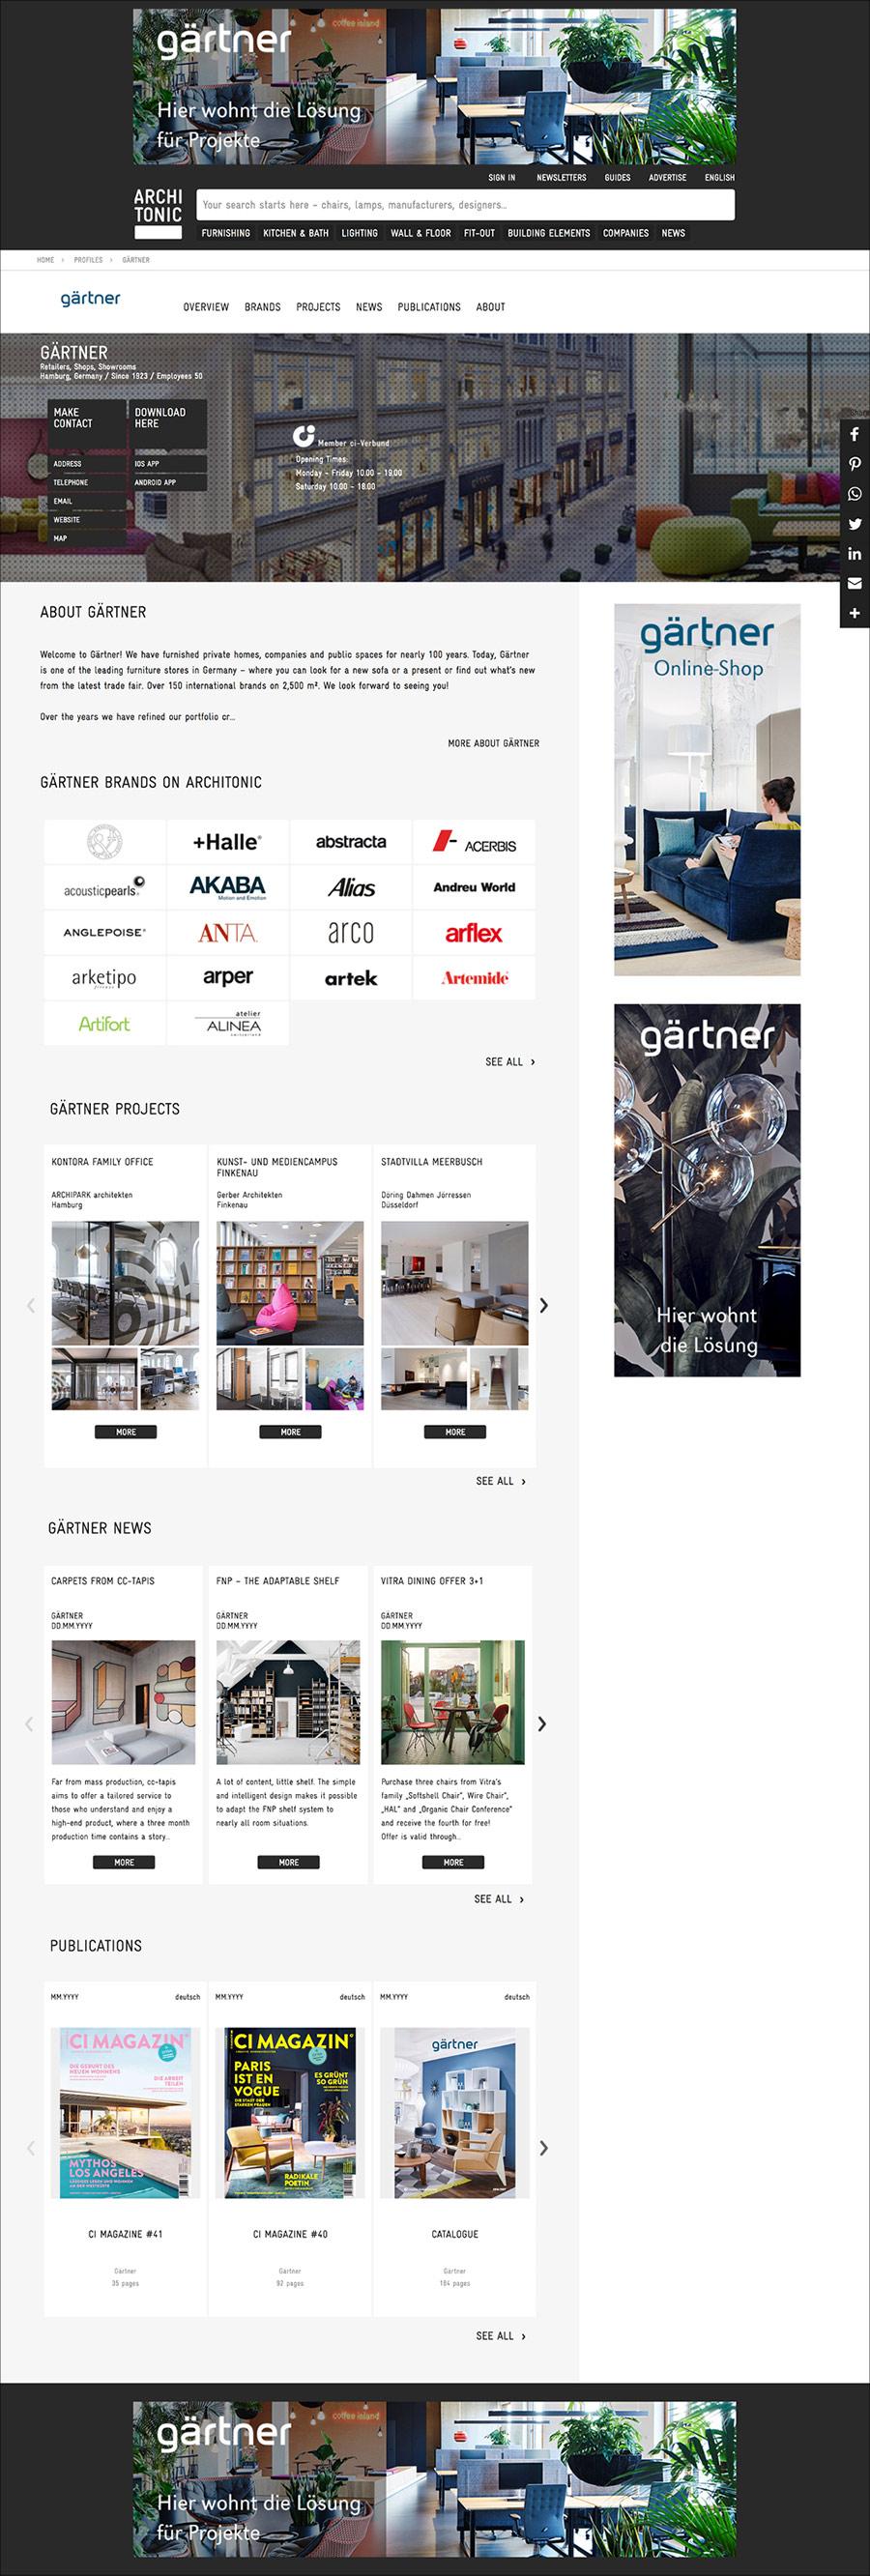 retailers_membership_microsite.jpg